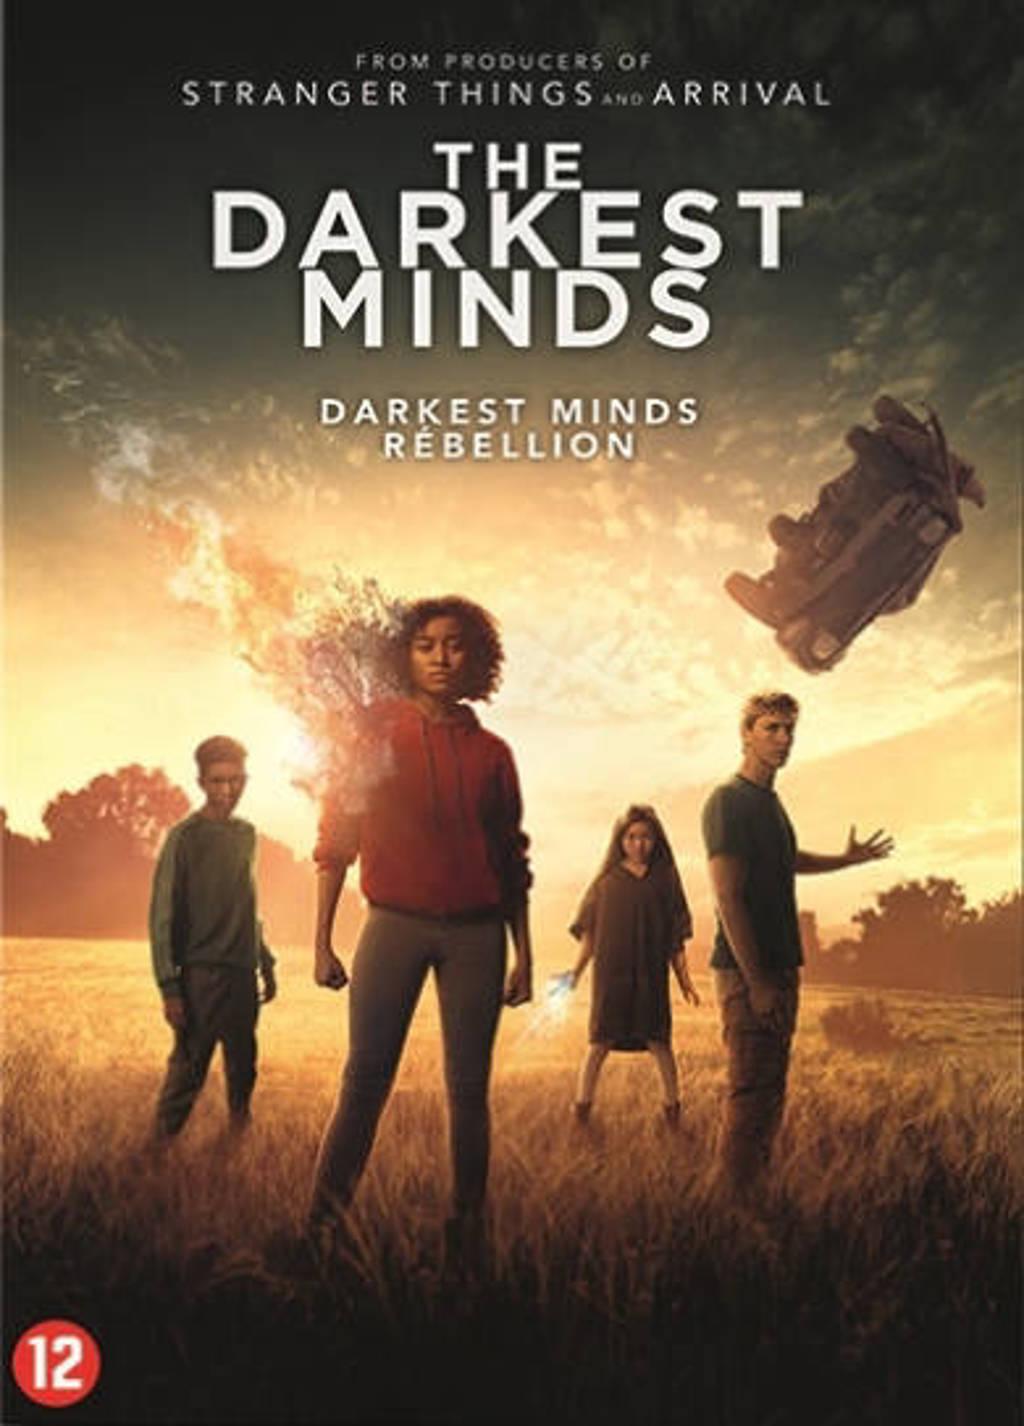 Darkest minds (DVD)